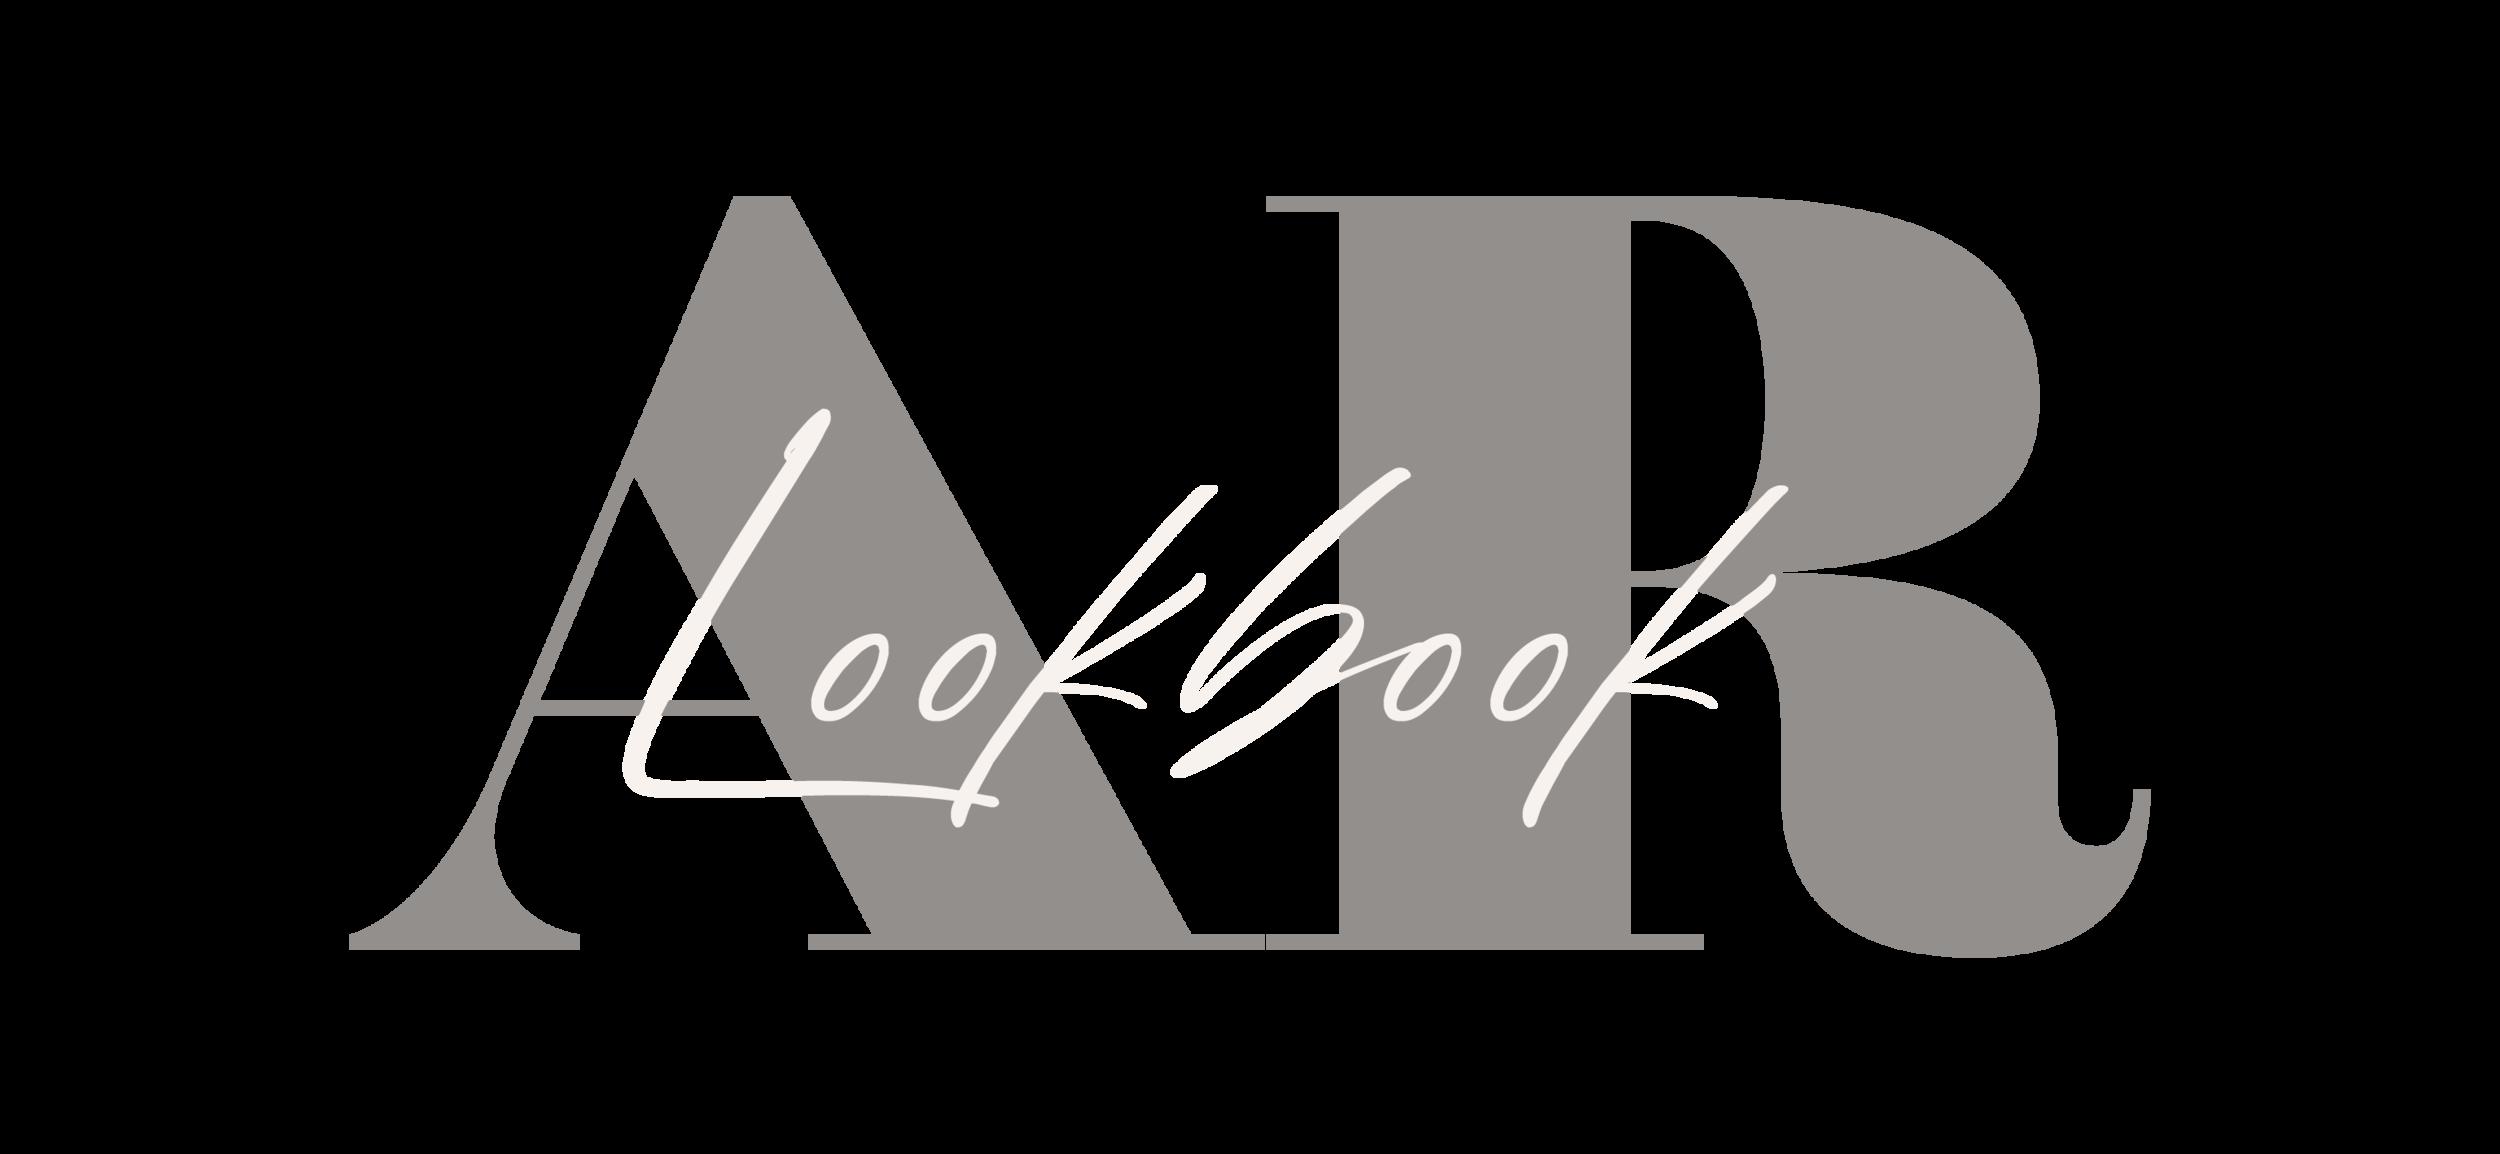 ARArtboard 9 copy 31.png